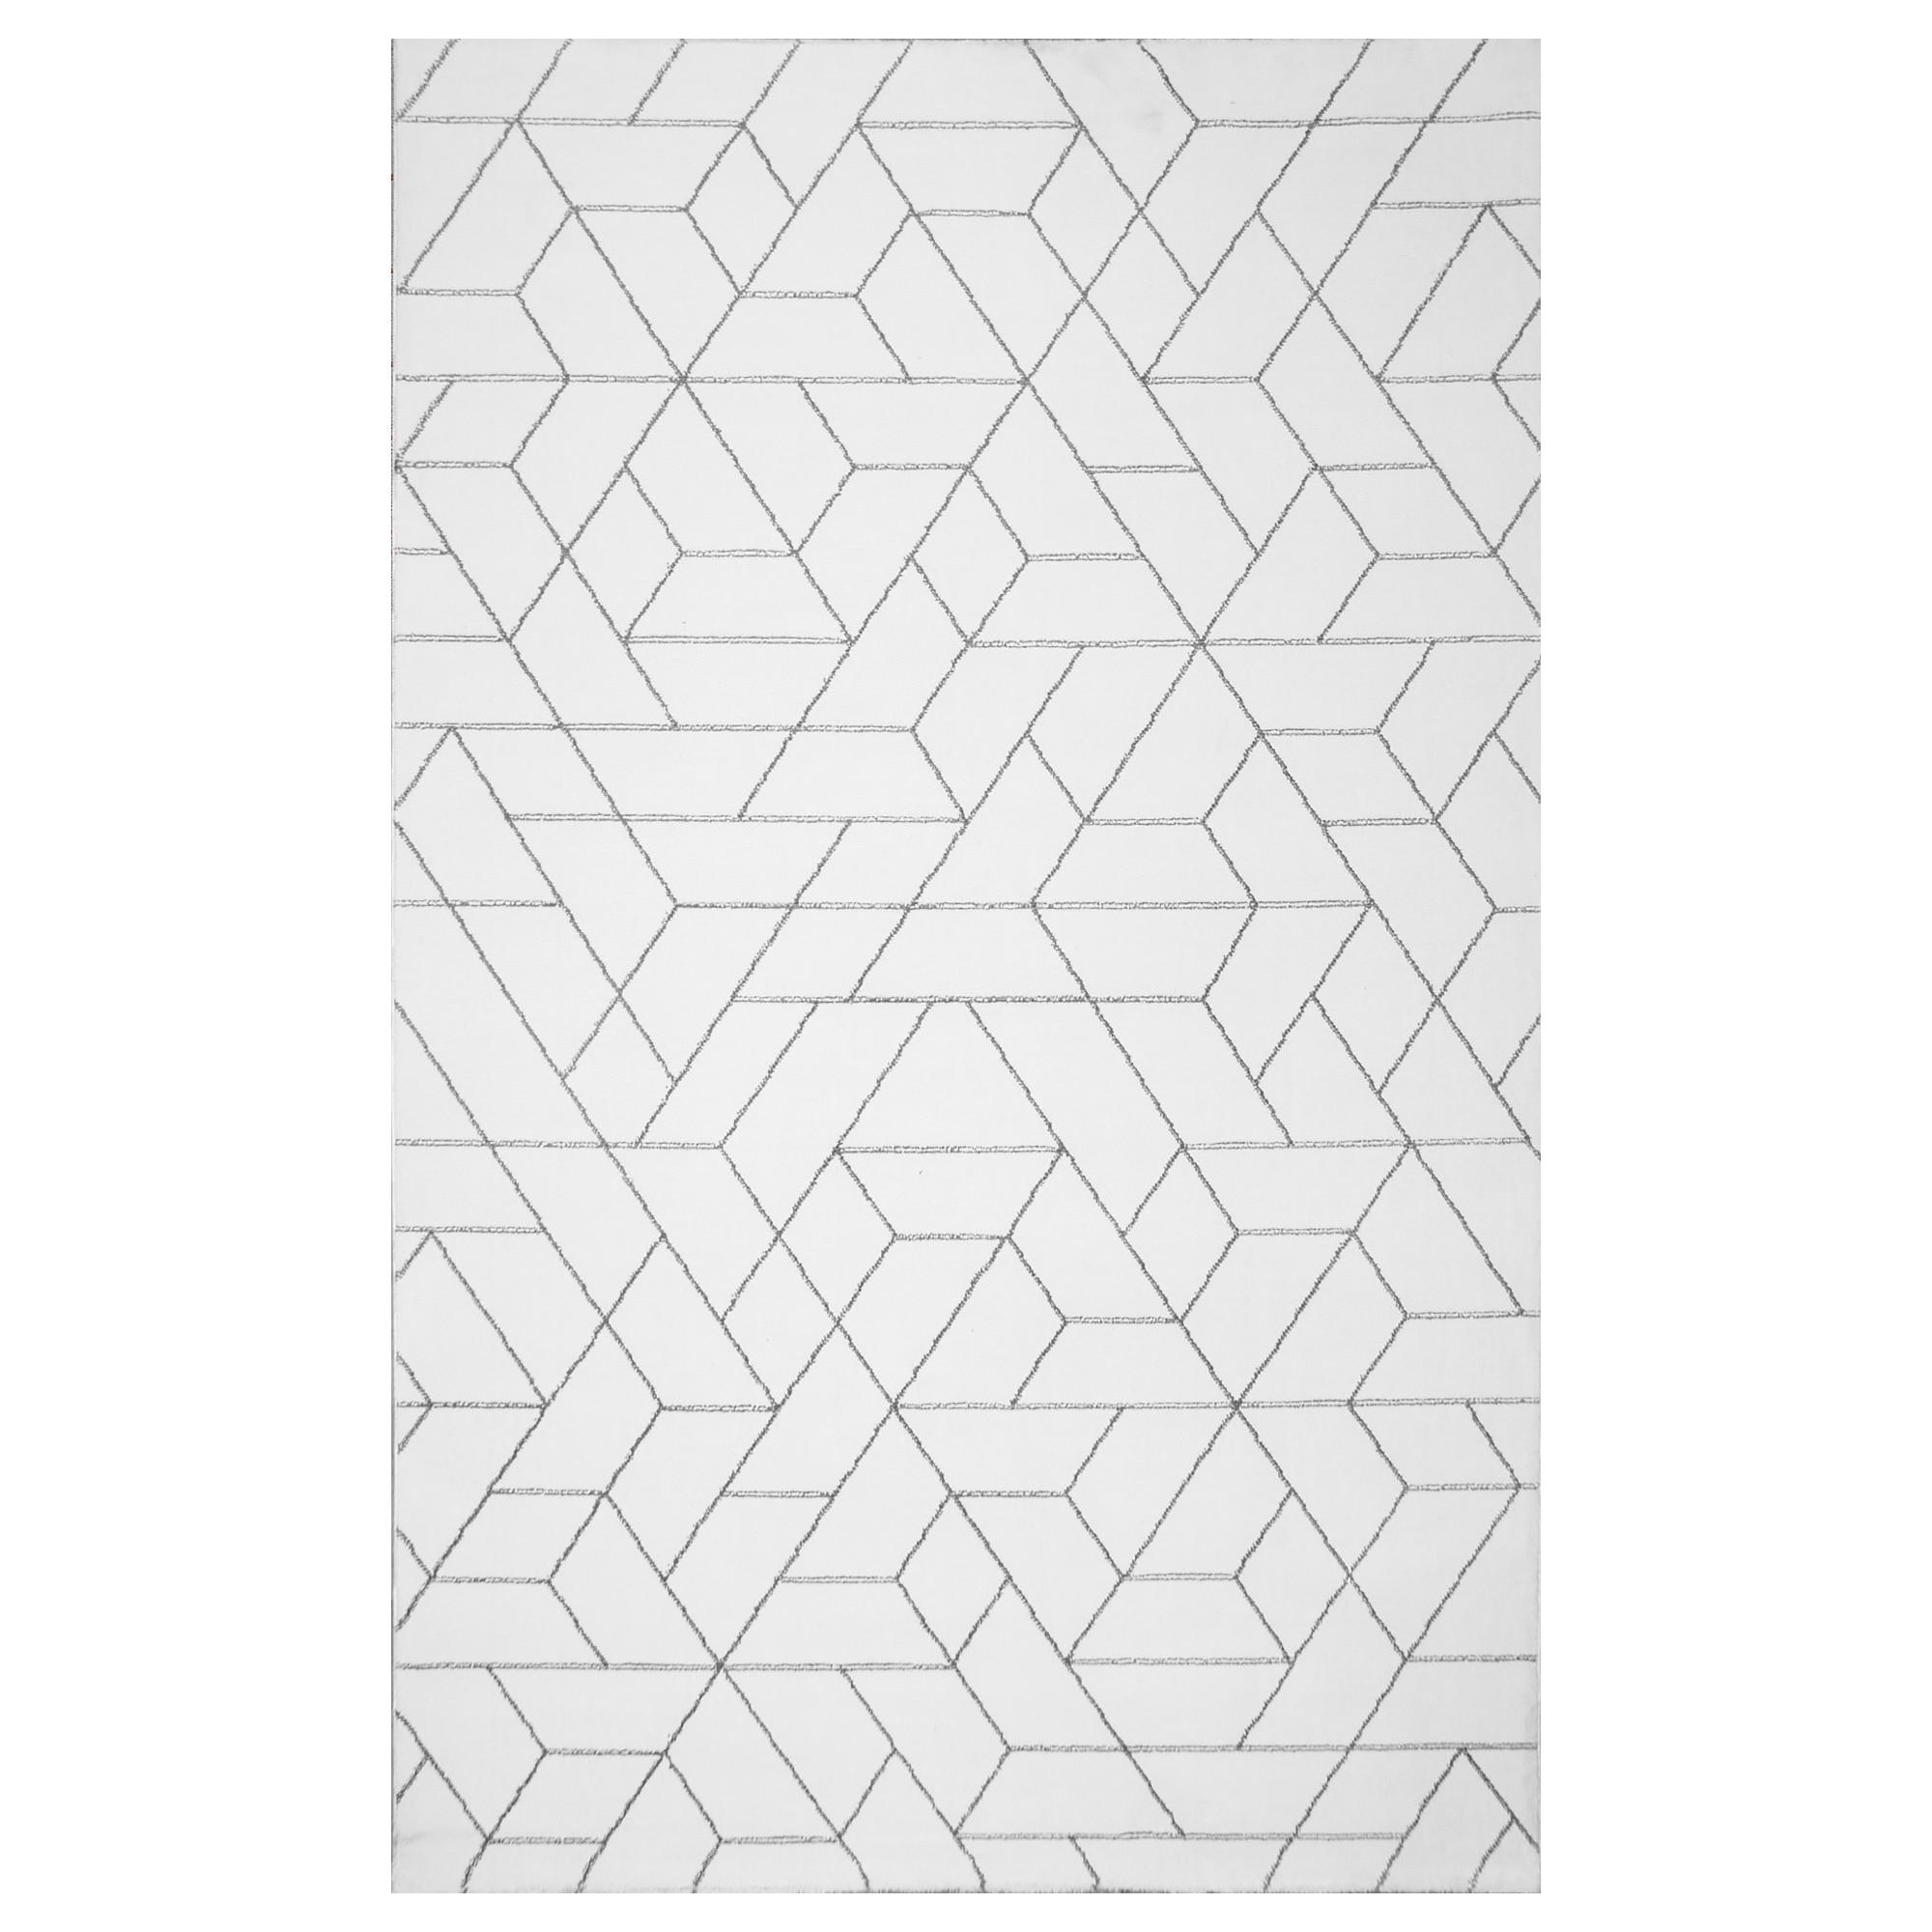 Fotografie Covor LG 02 Eko Halı, 100% poliester, 200x290 cm, alb/argintiu